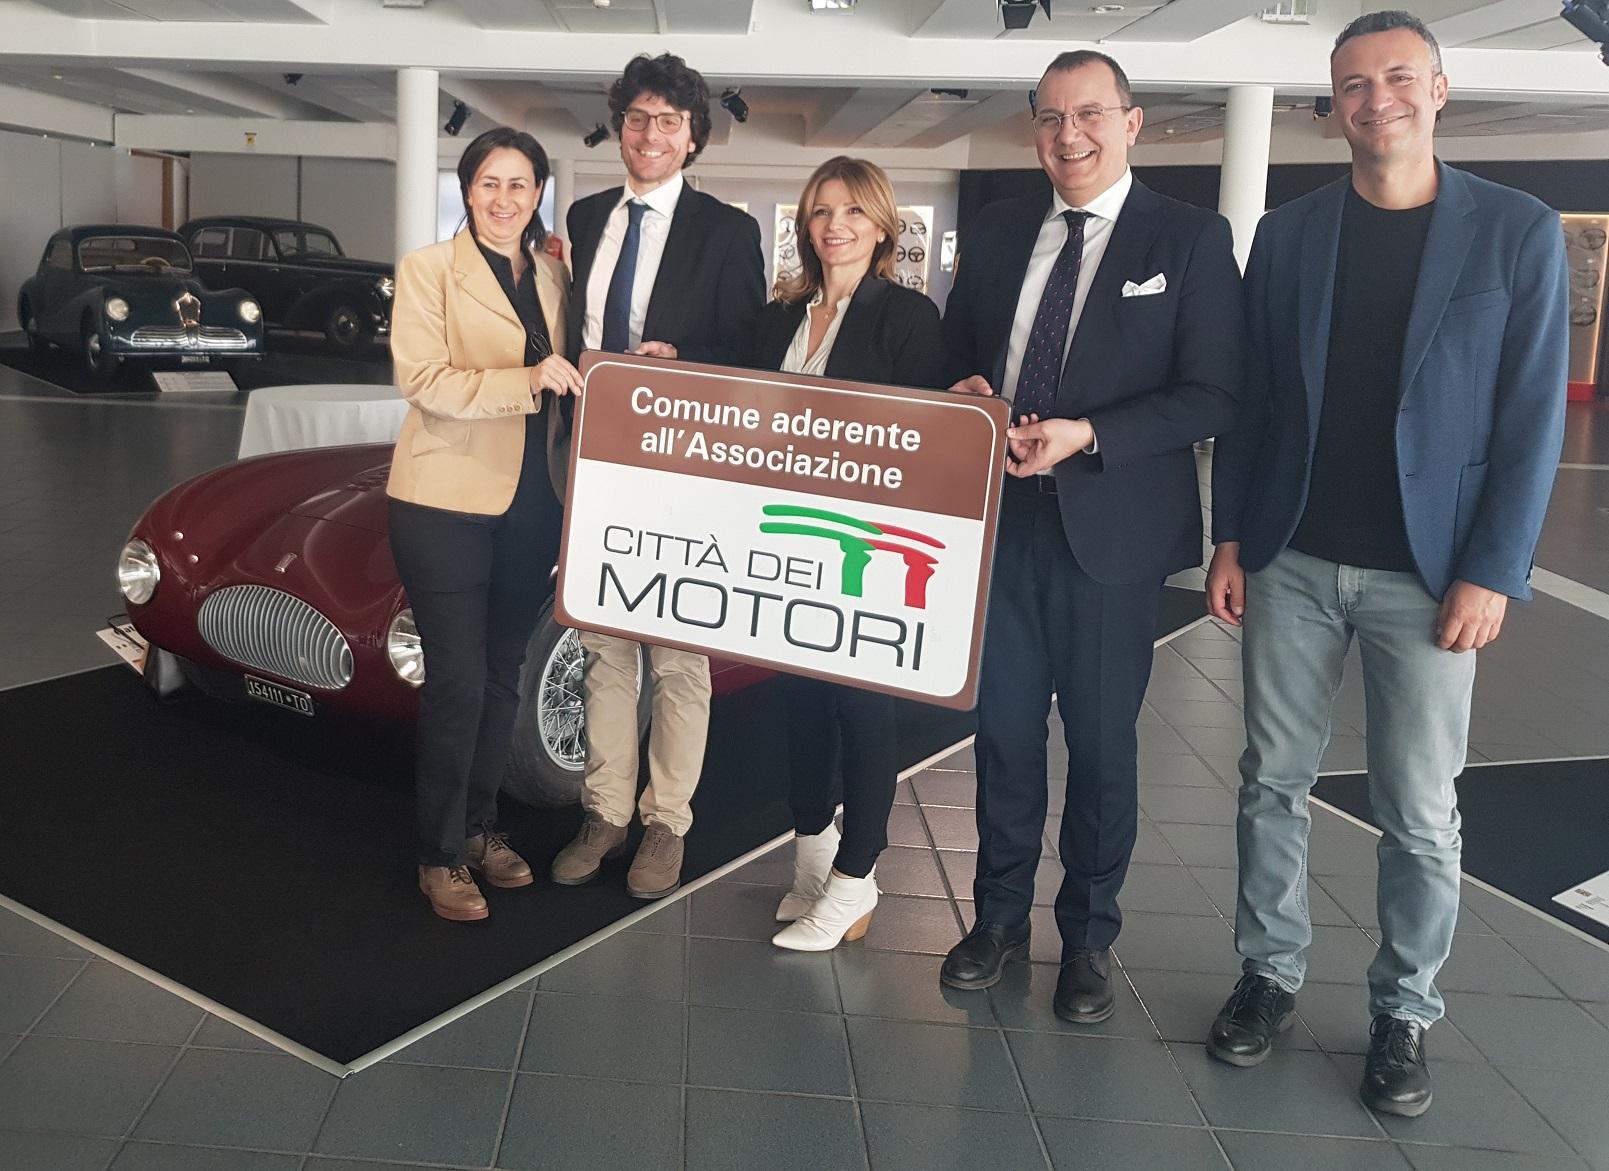 Museo-Nicolis-Città-dei-Motori-da-sin-Roberta-Tellini-Massimiliano-Morini-Silvia-Nicolis-Roberto-Dall-Oca-Franco-Patrignani-2019